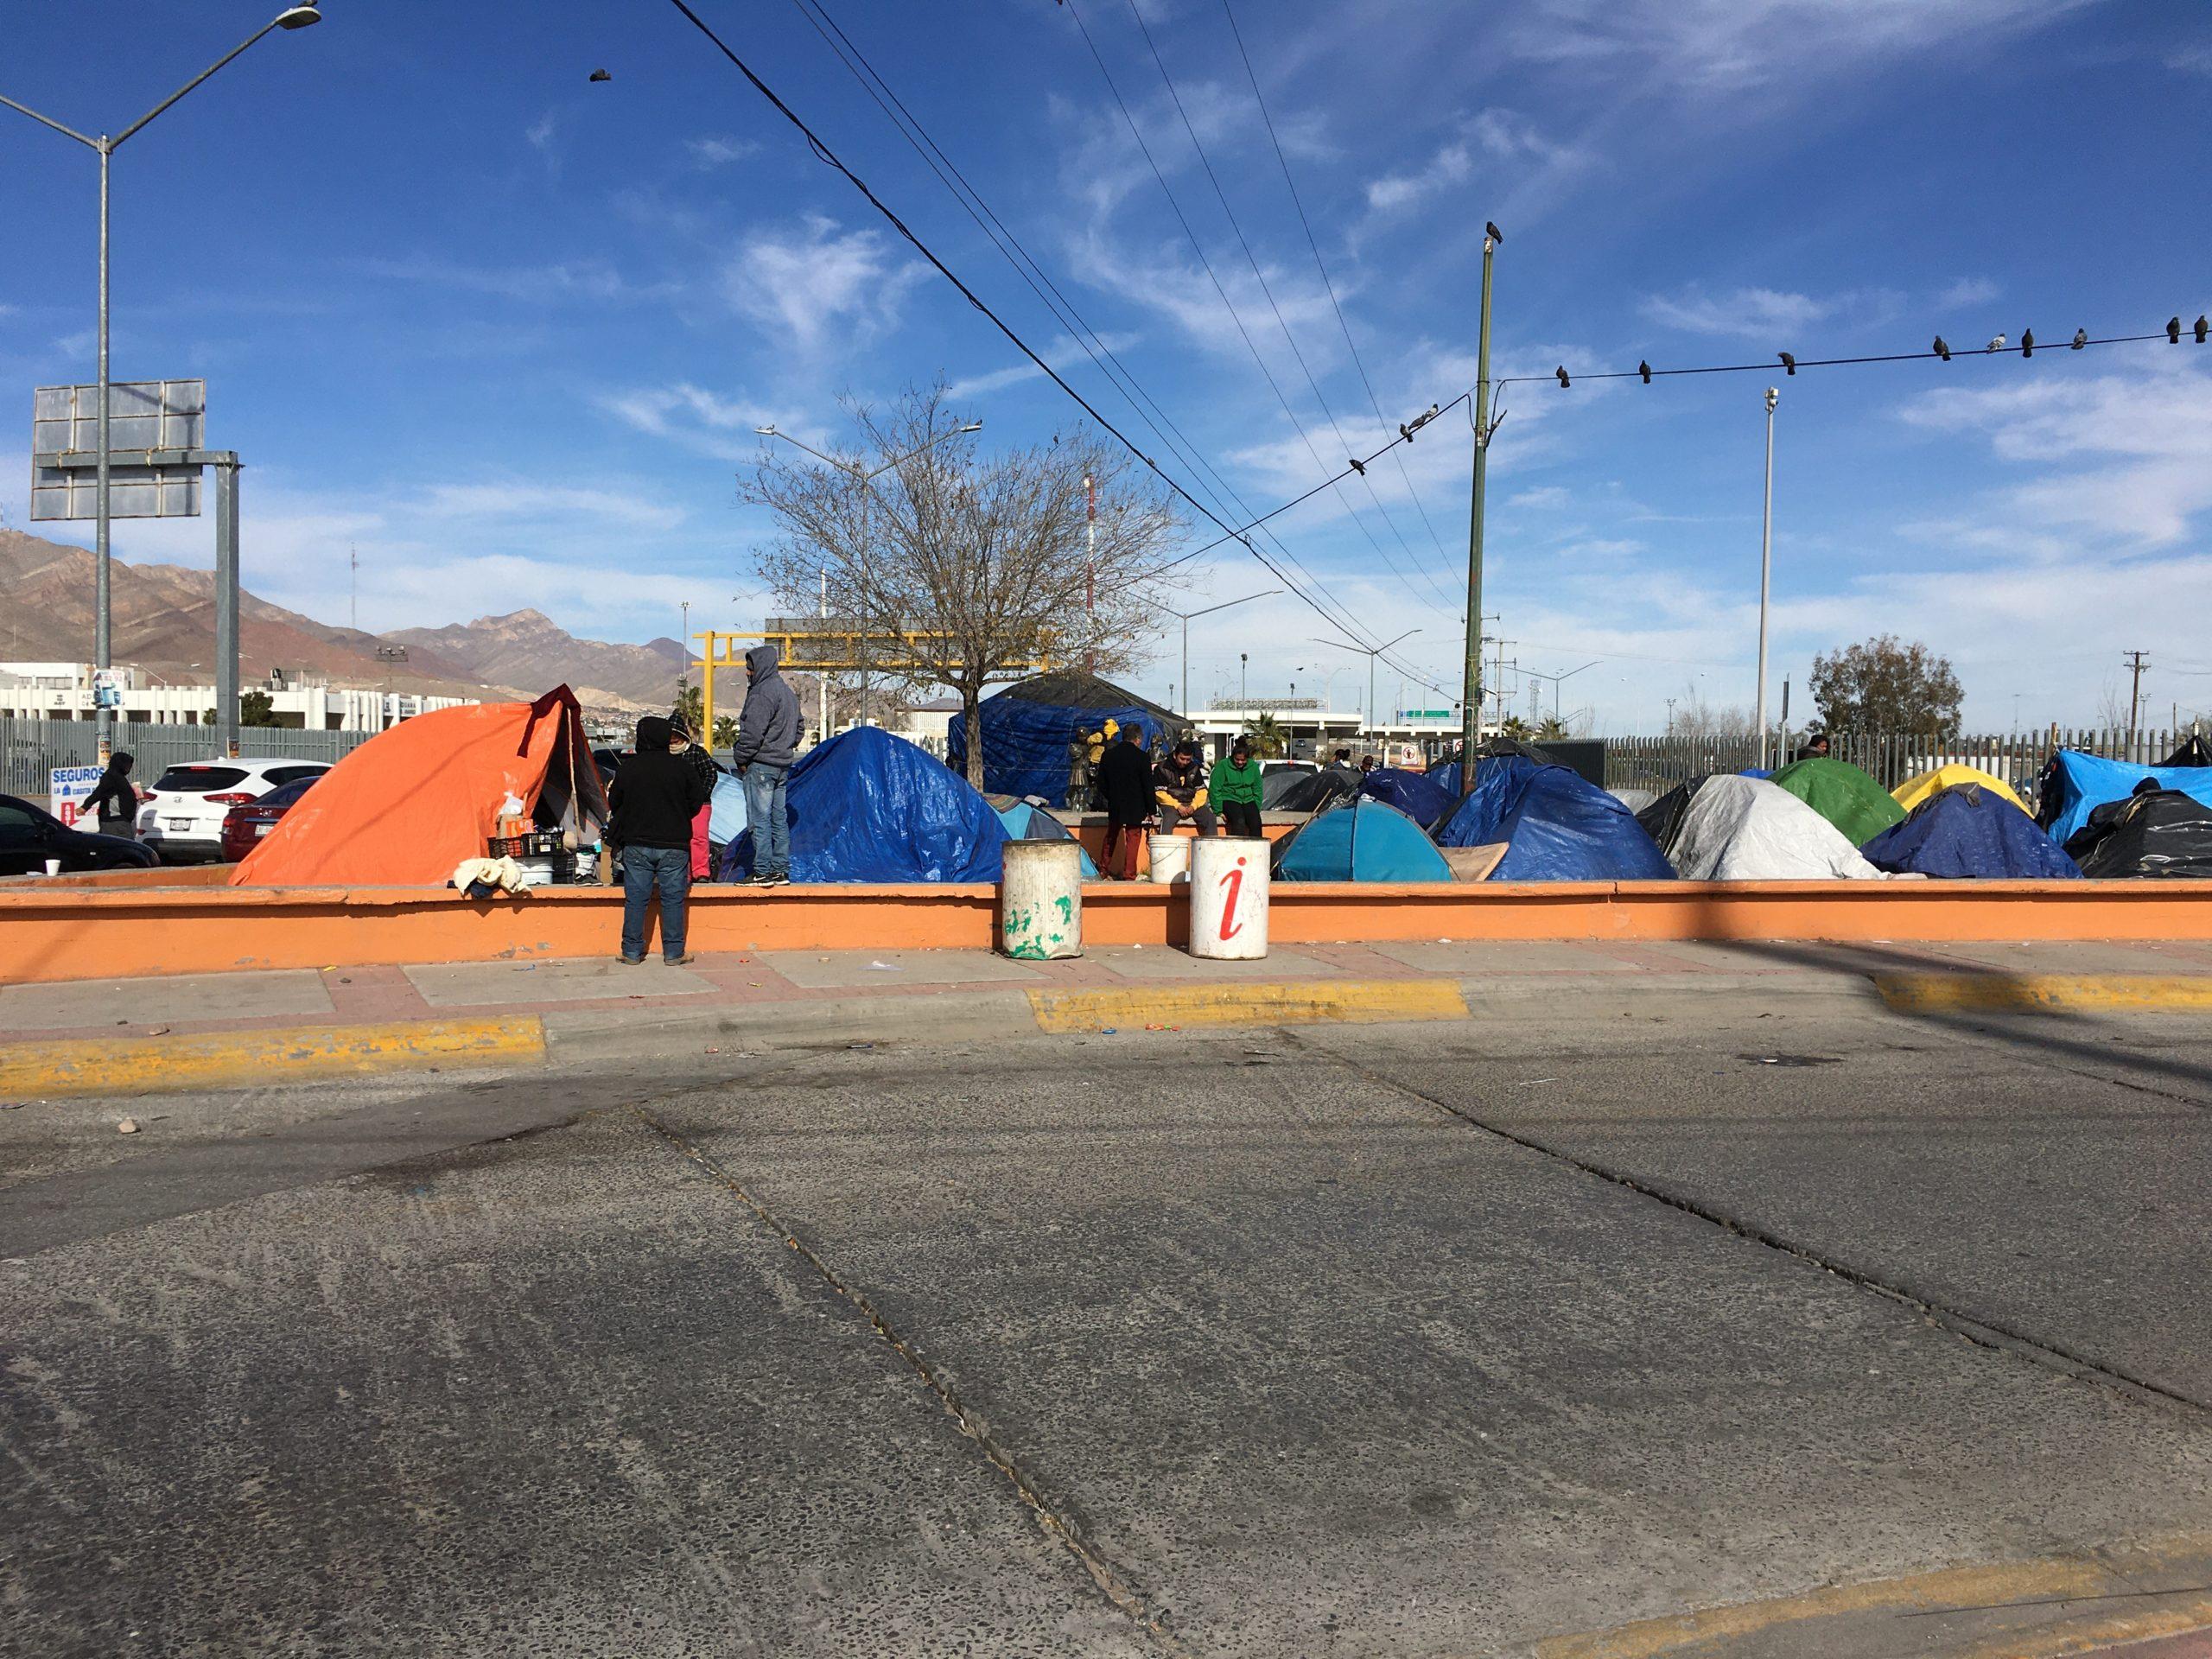 Migrant Camp in Juarez